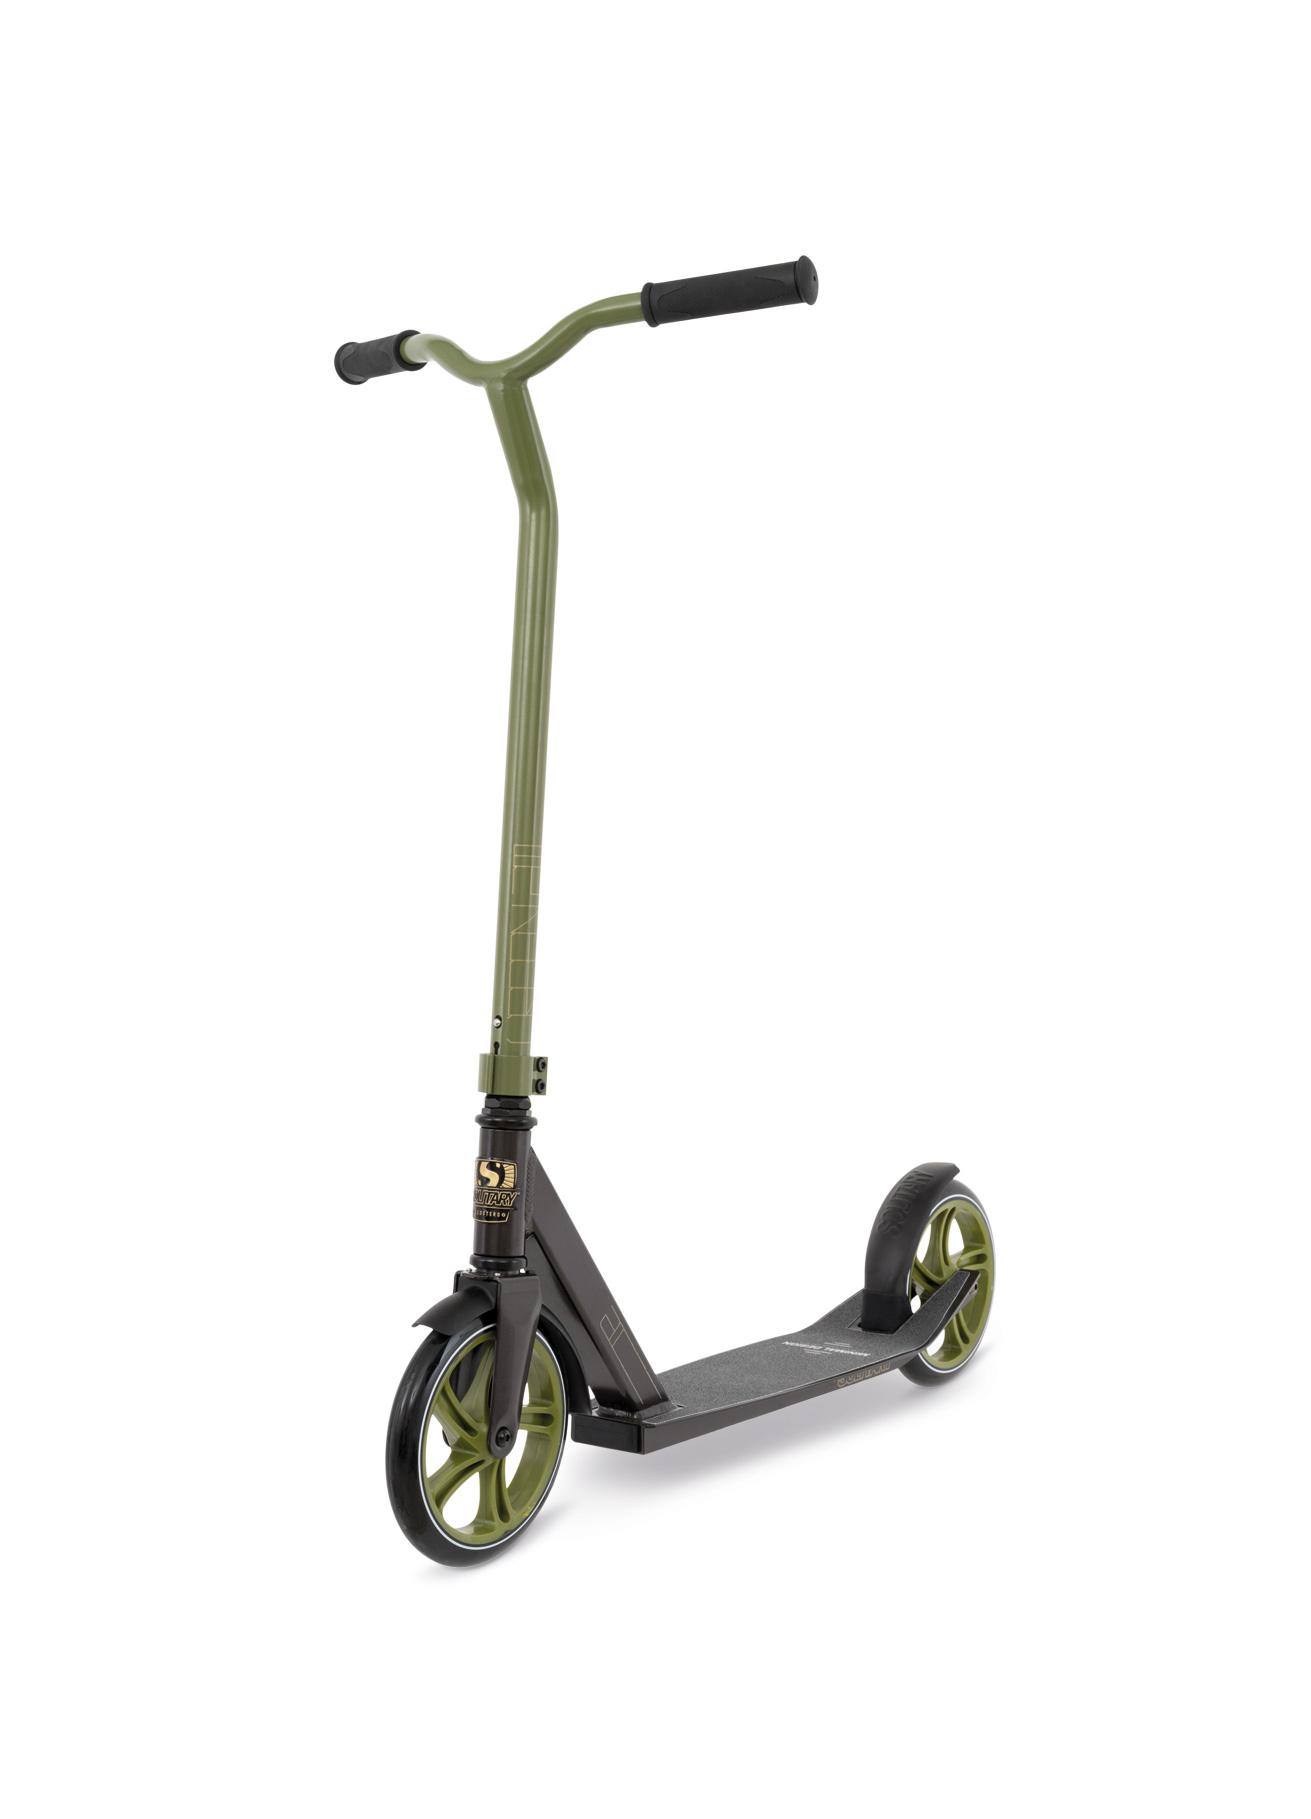 scooter roller erwachsenen und kinderroller kinderscooter tretroller cityroller ebay. Black Bedroom Furniture Sets. Home Design Ideas